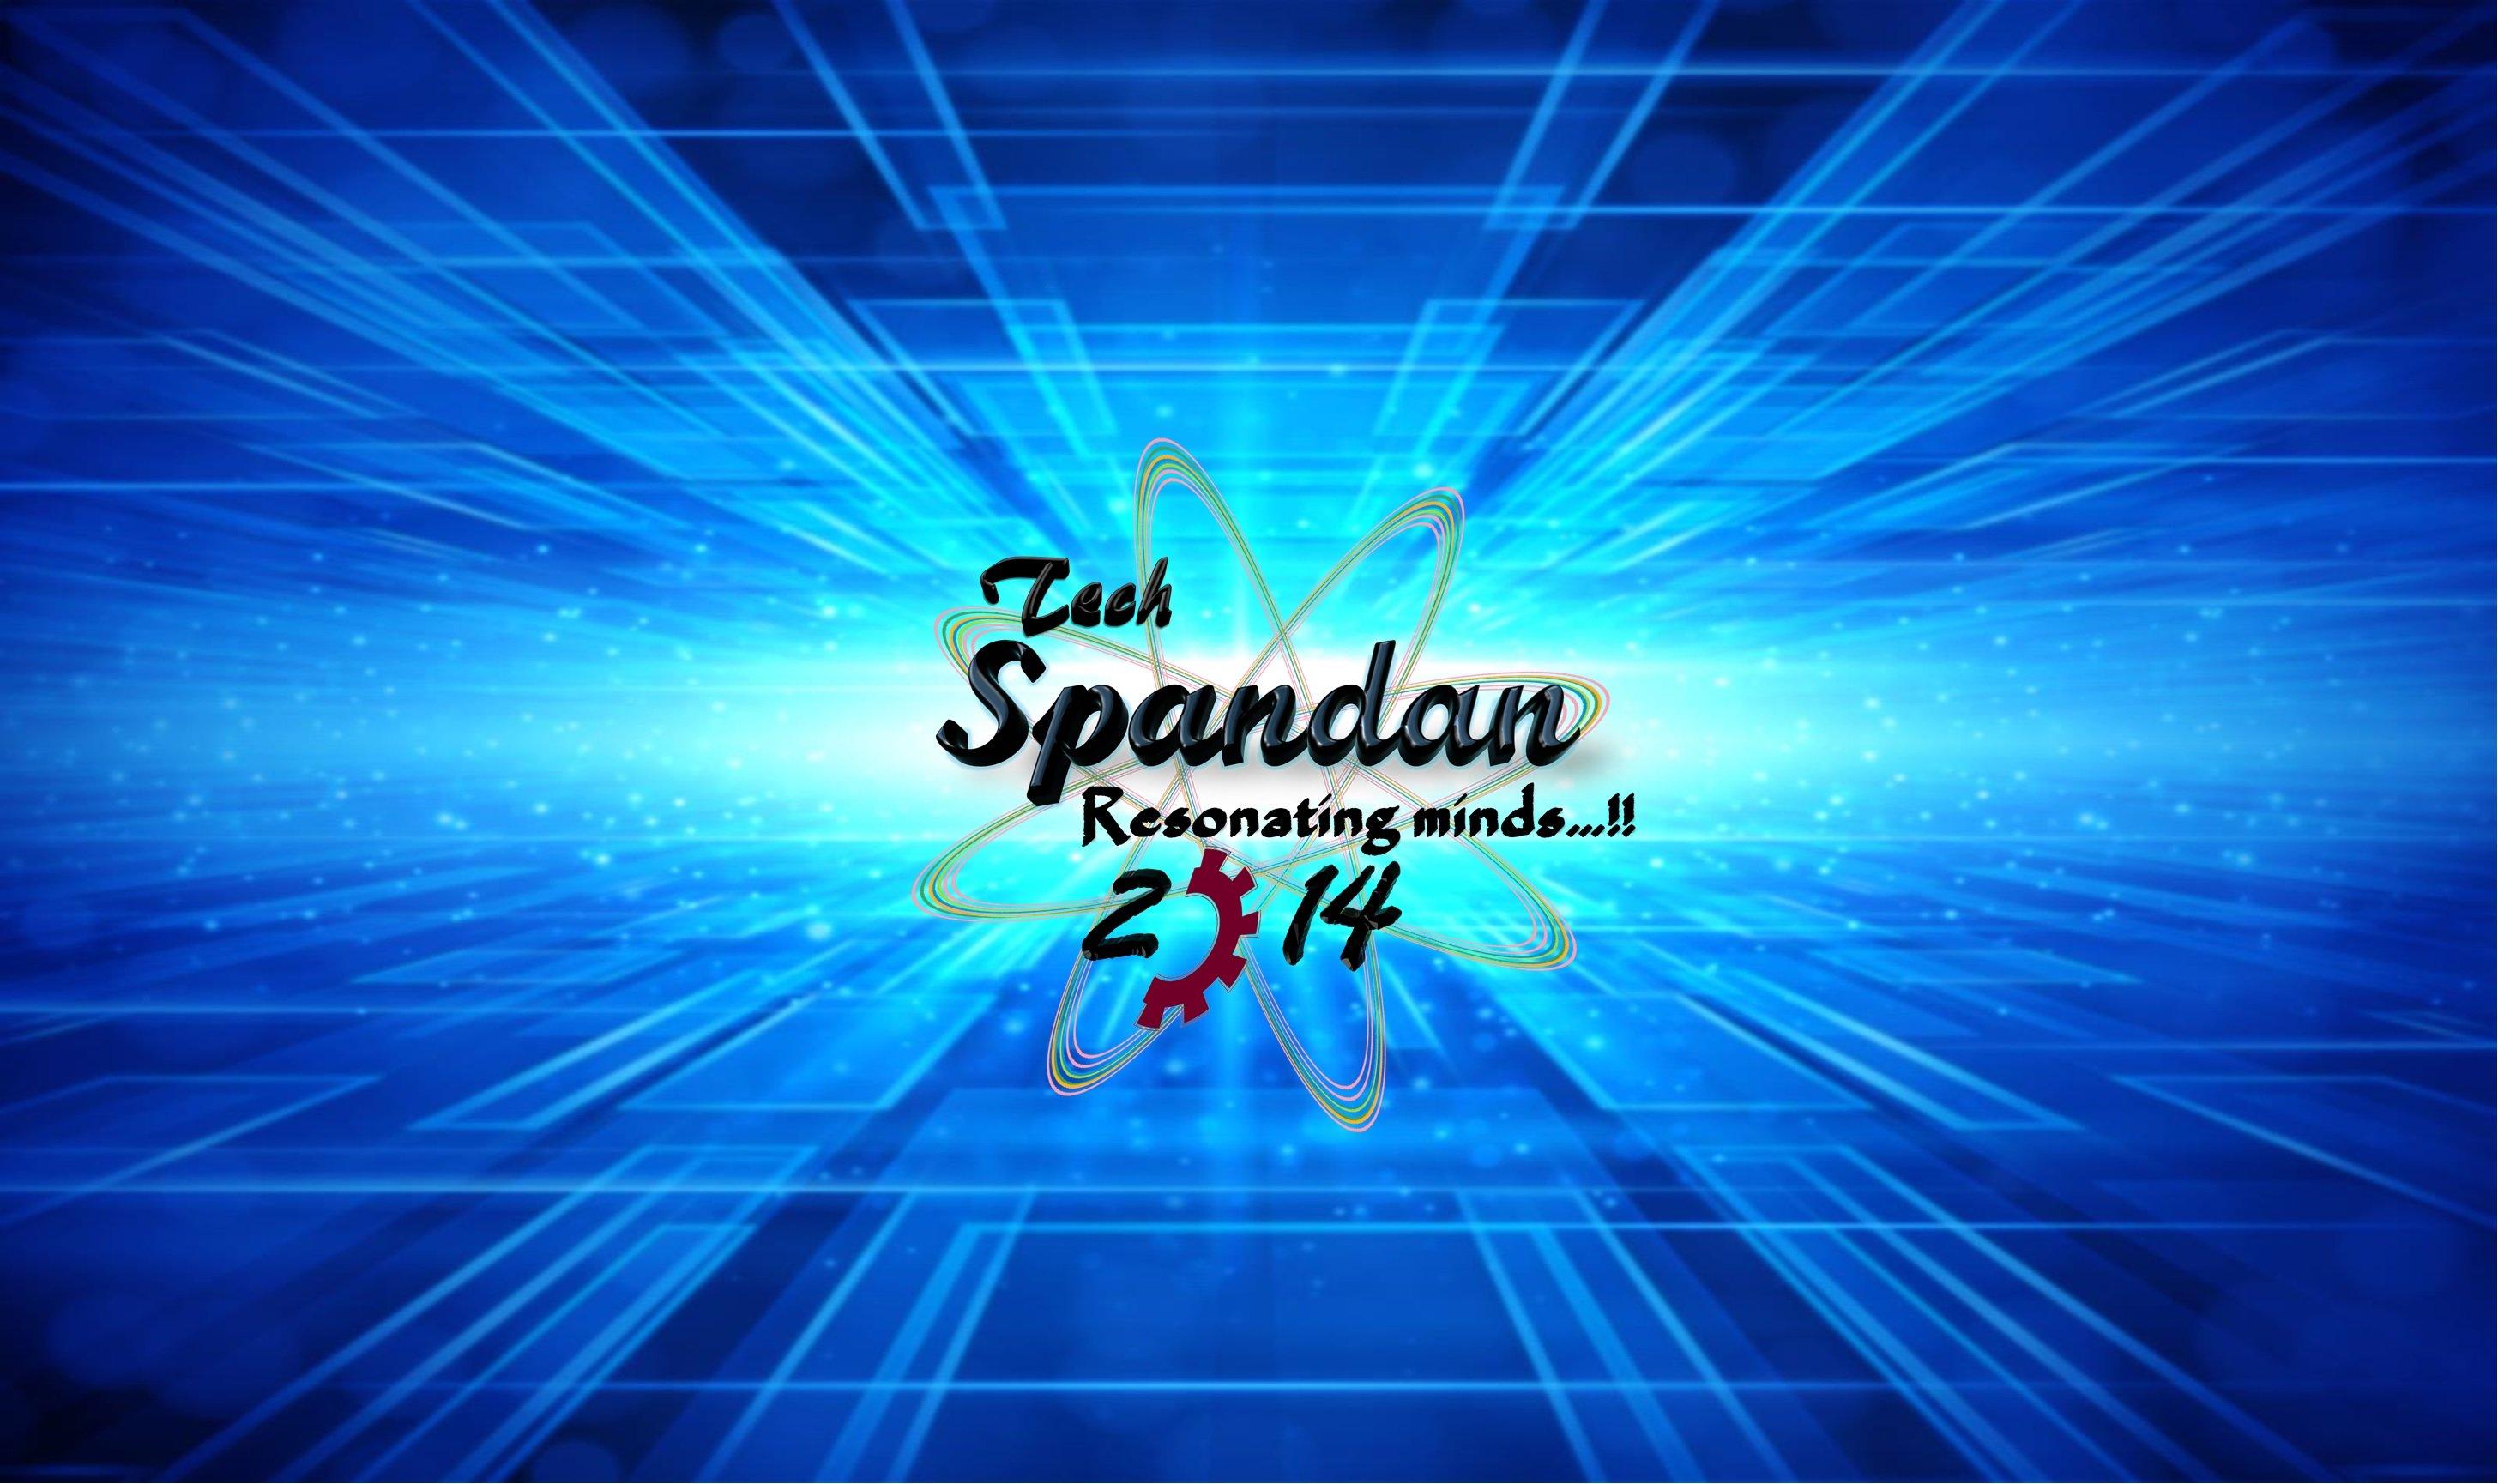 SPANDAN,14 logo